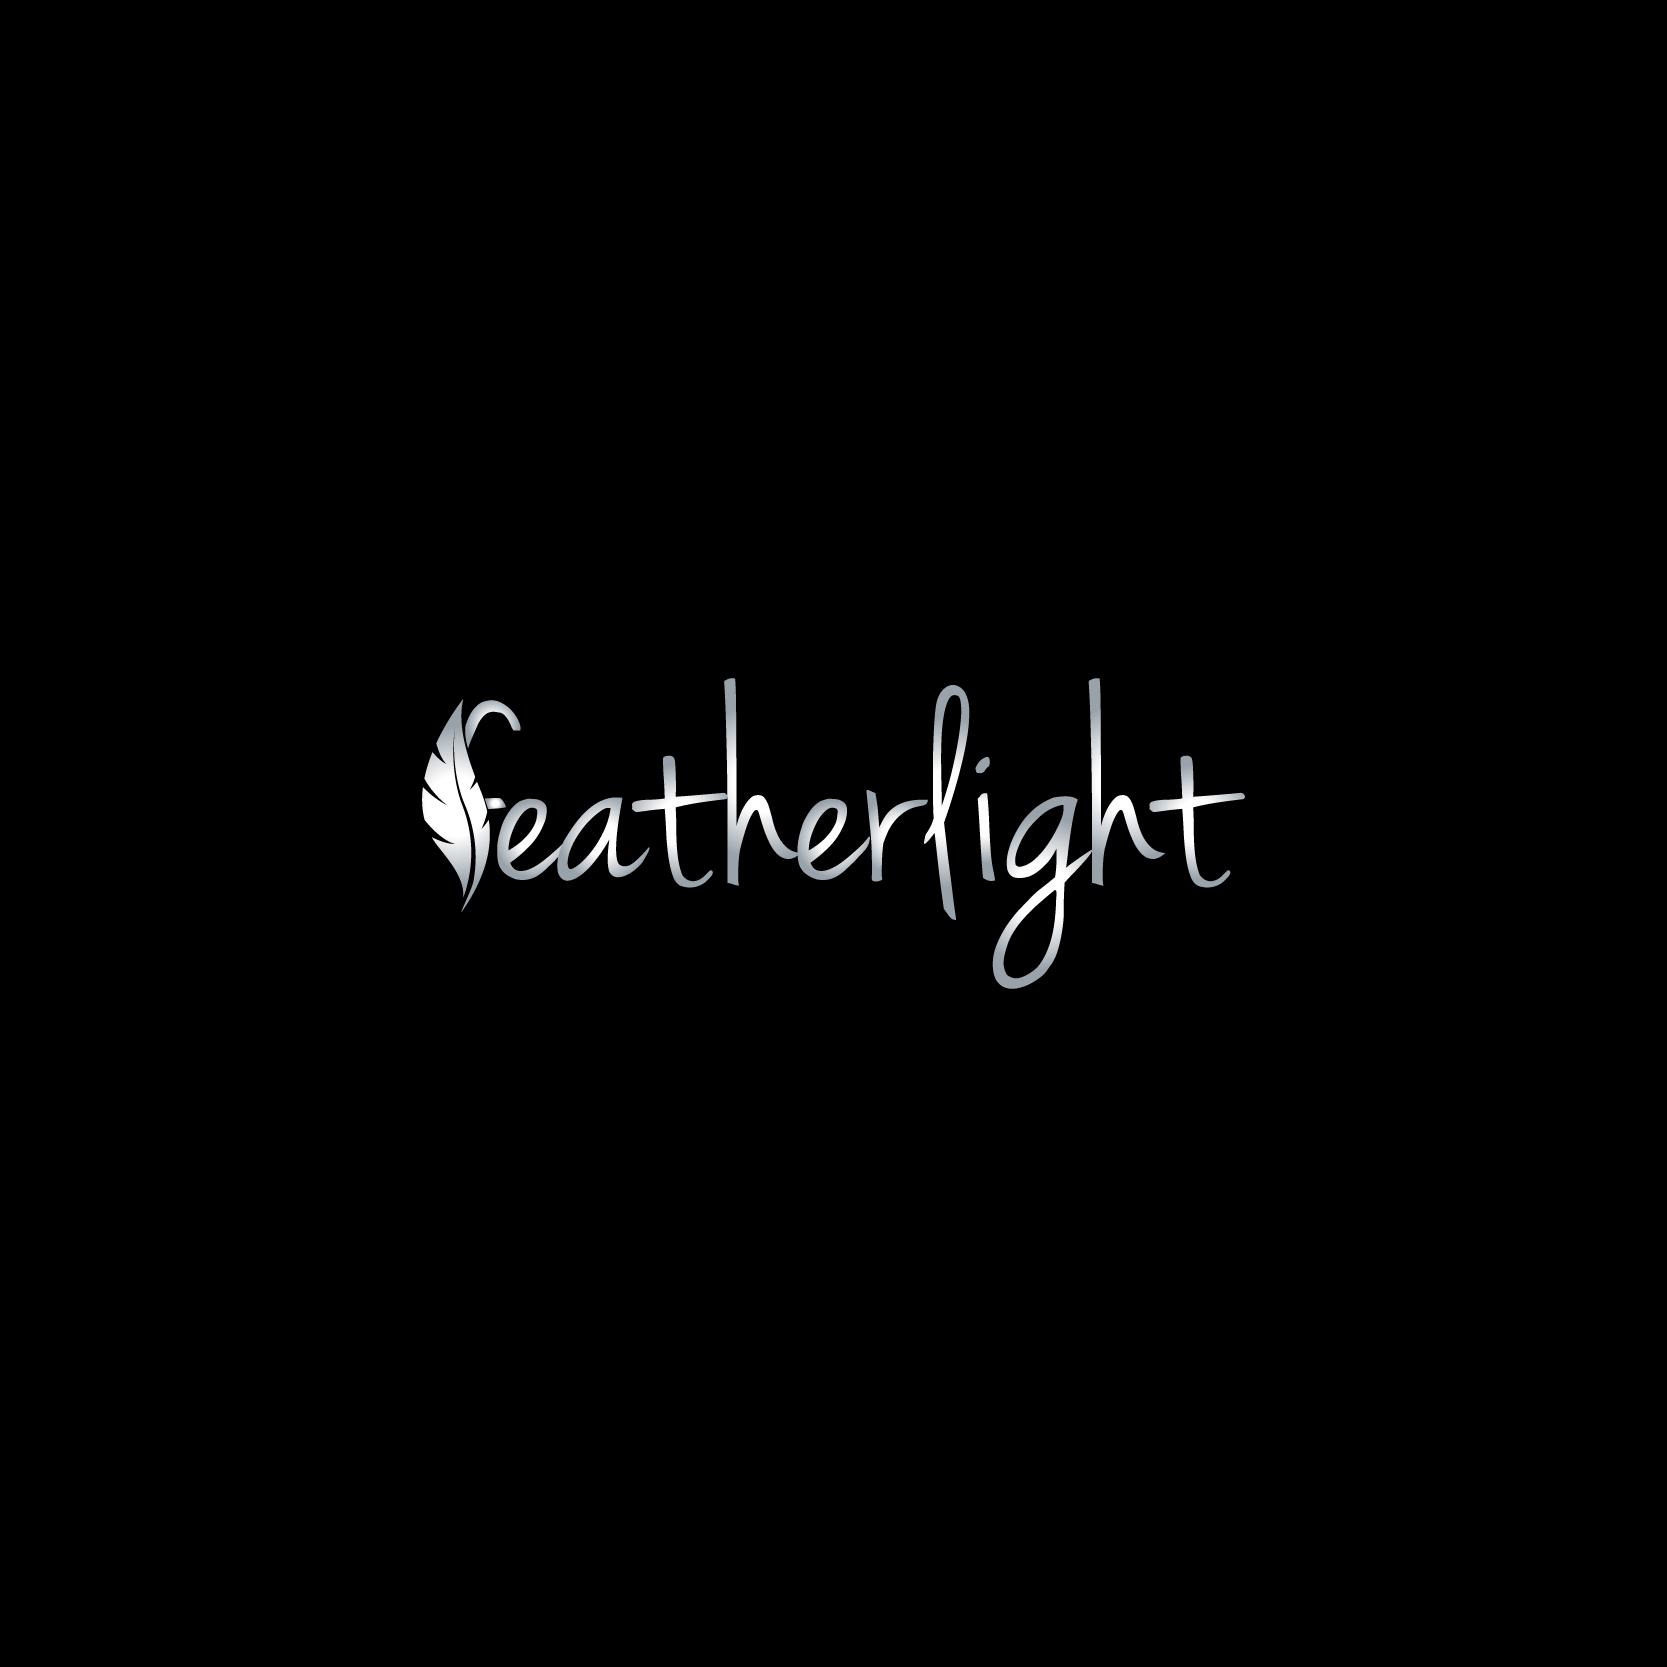 Logo Design by gina - Entry No. 1 in the Logo Design Contest Fun Logo Design for featherlight.